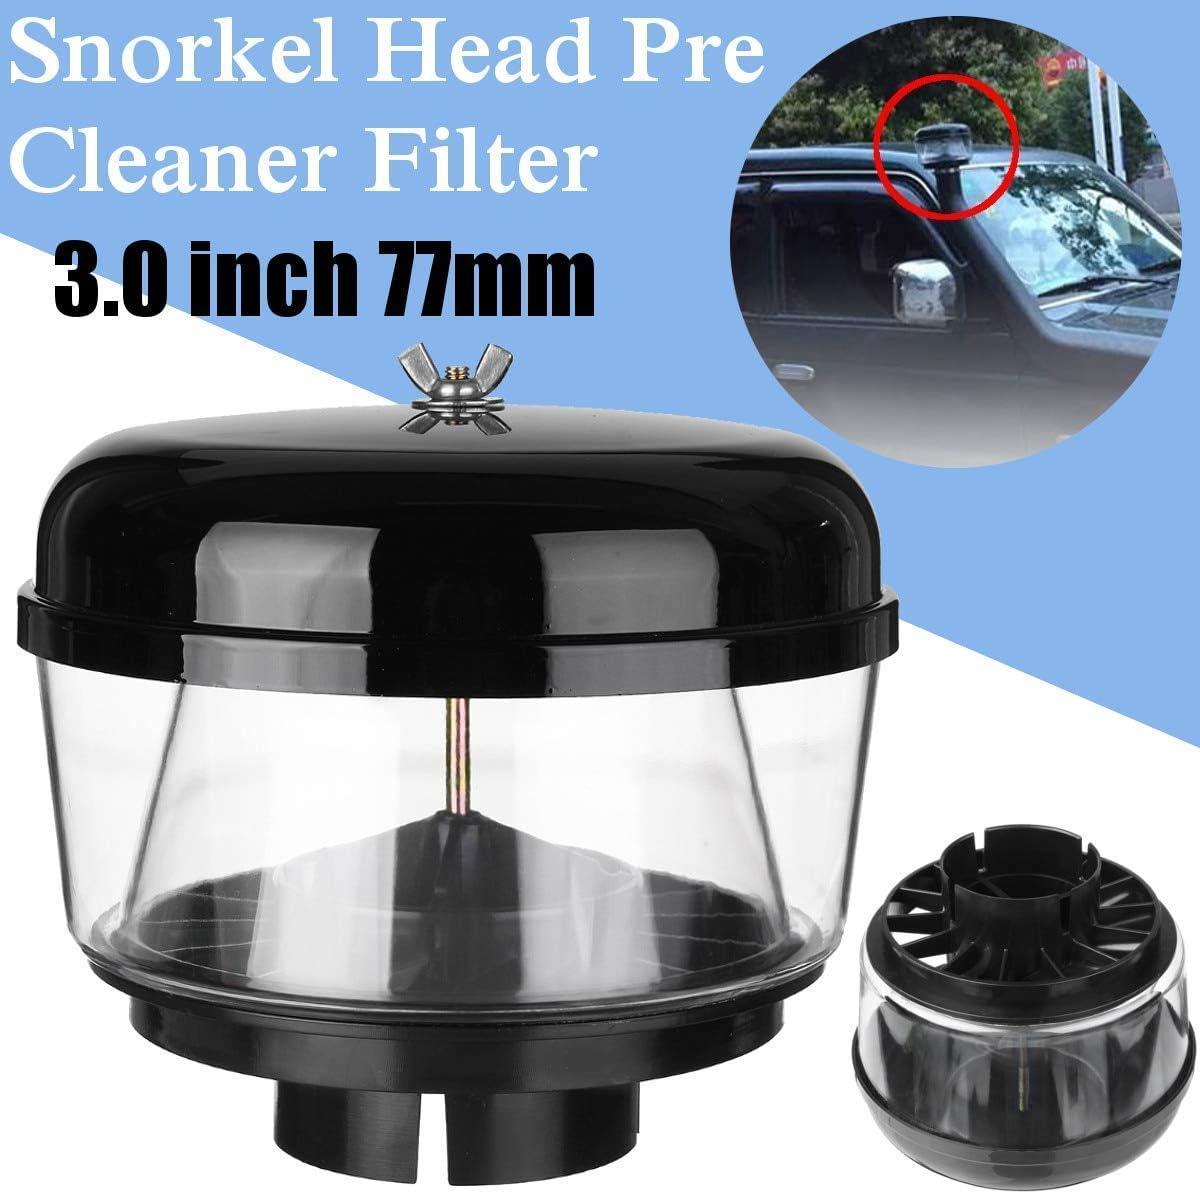 Tiamu 3 Pulgadas 77Mm Trampa de Agua Cabeza de Snorkel Cabeza de Ram de Aire Prefiltro de Flujo de Aire Cabeza de Snorkel de Coche Copa de Arena de Ram de Snorkel para Nissans